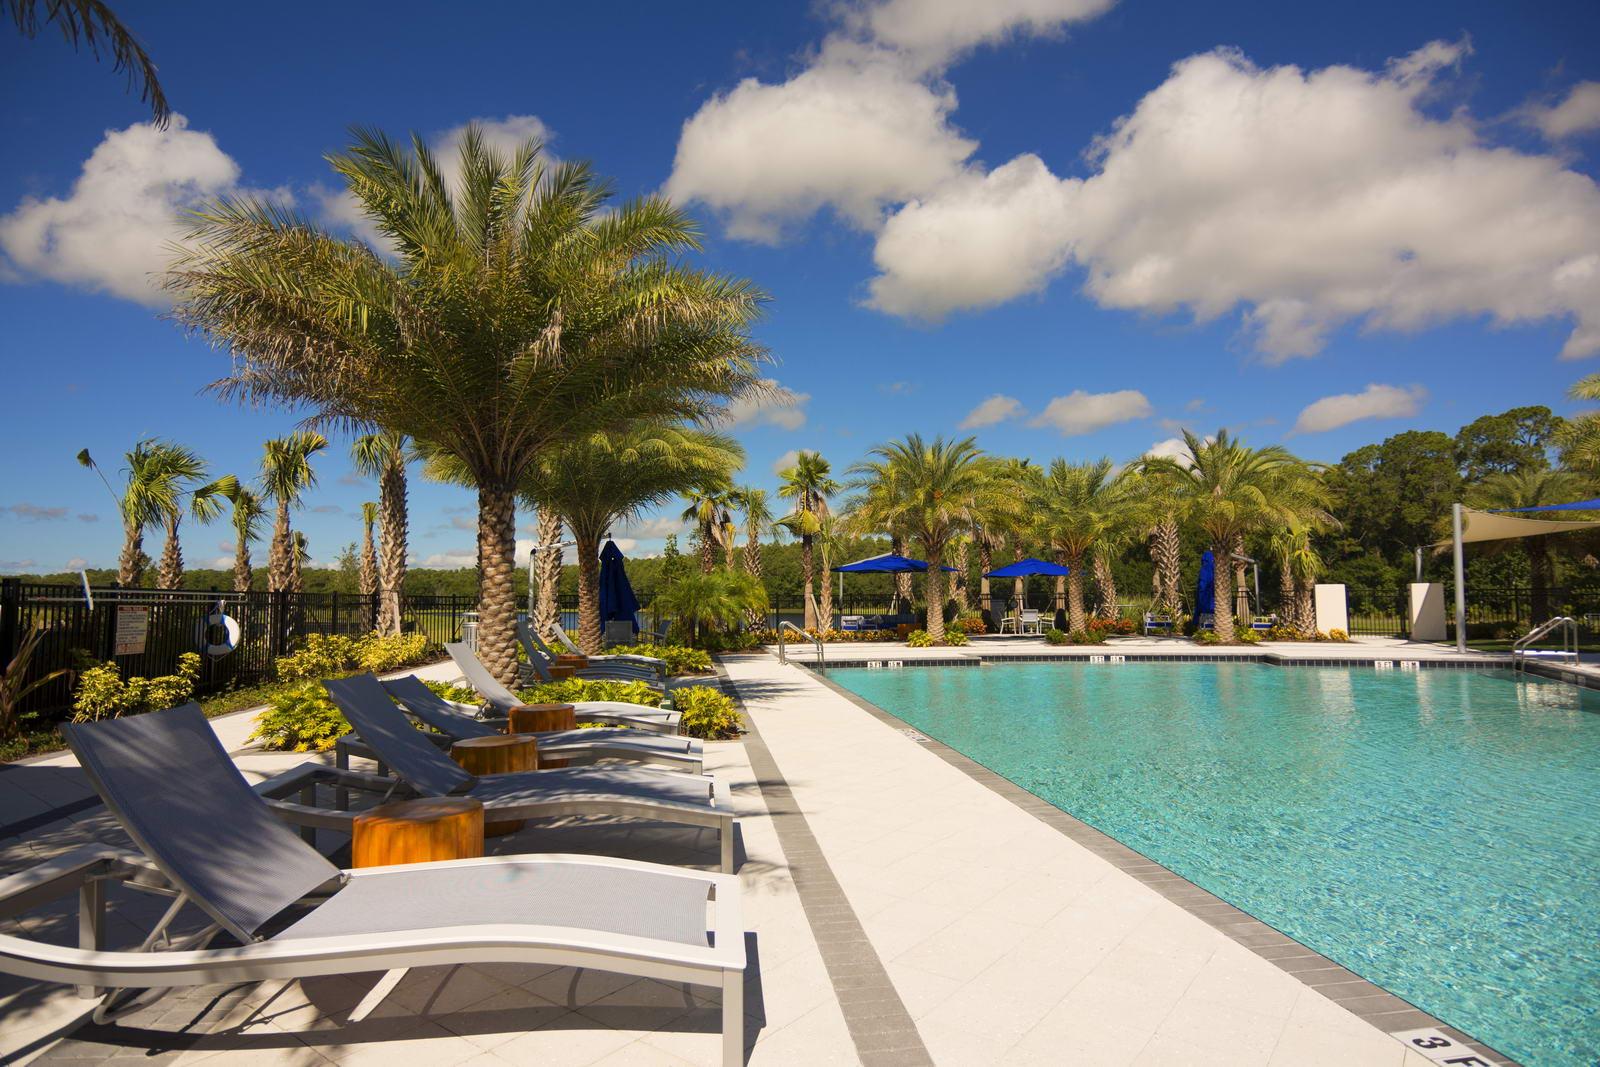 Vente gestion et location de maisons de vacances for Assurance location maison de vacances